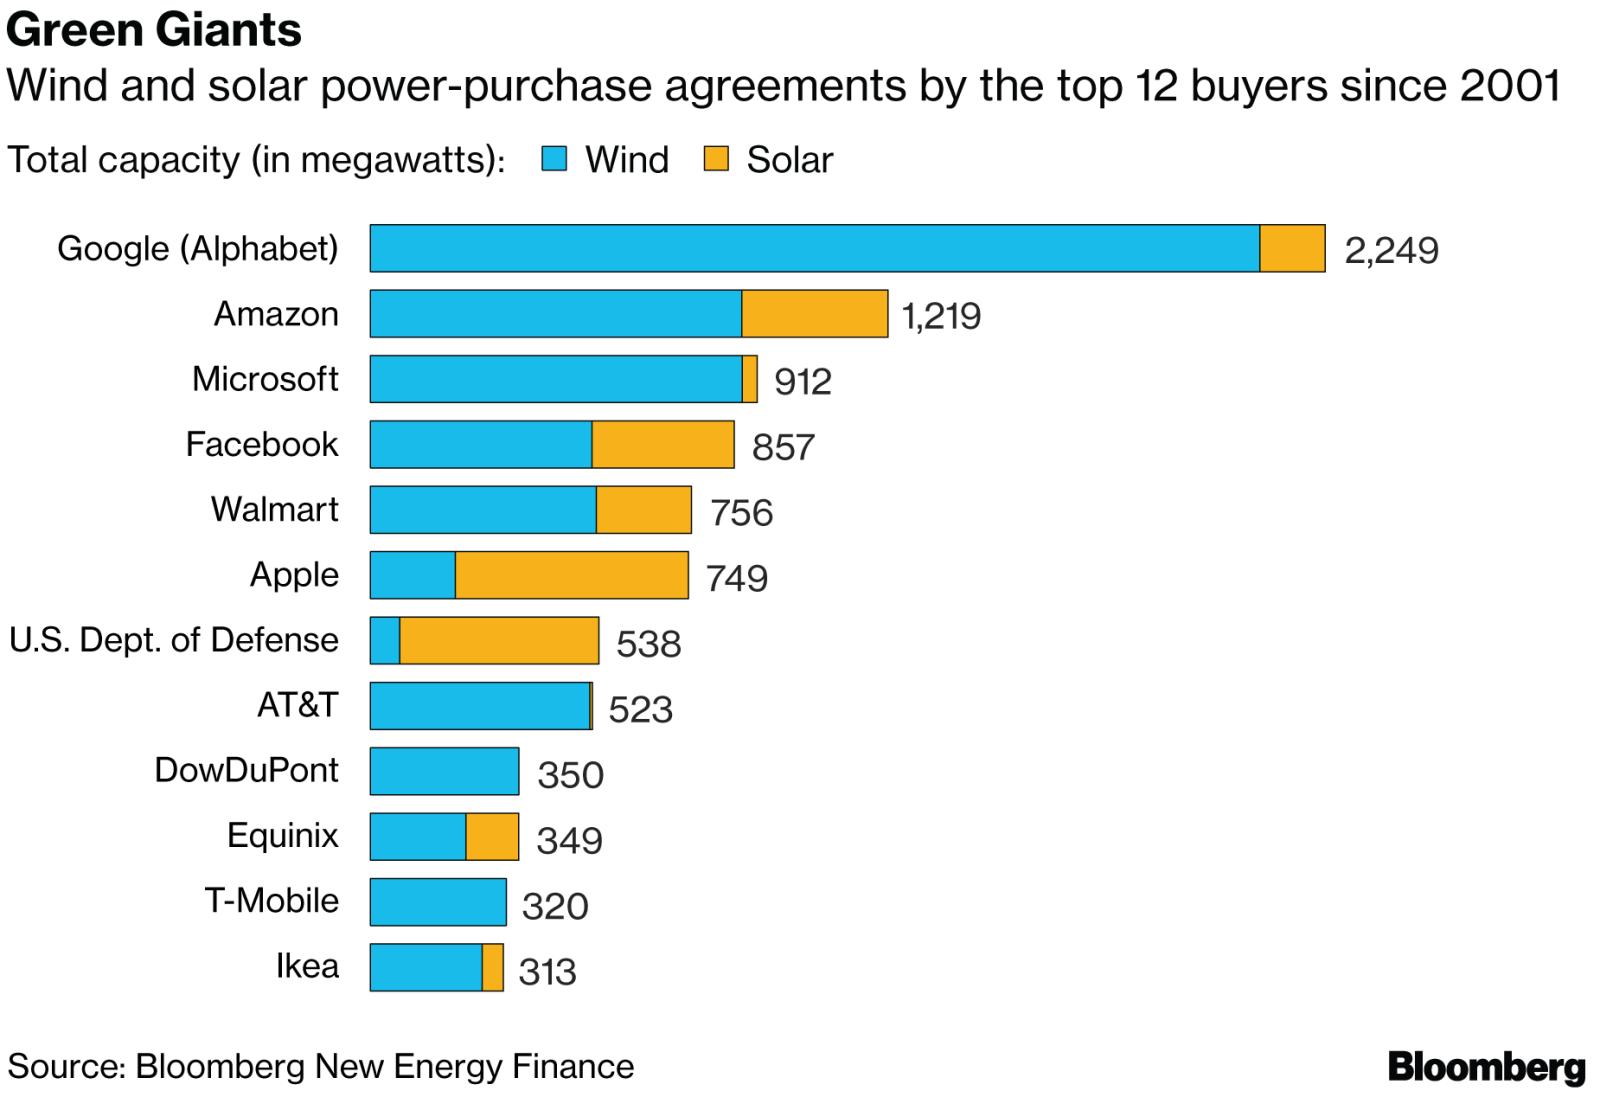 今年全球企业签署清洁电力协议已达3.3吉瓦